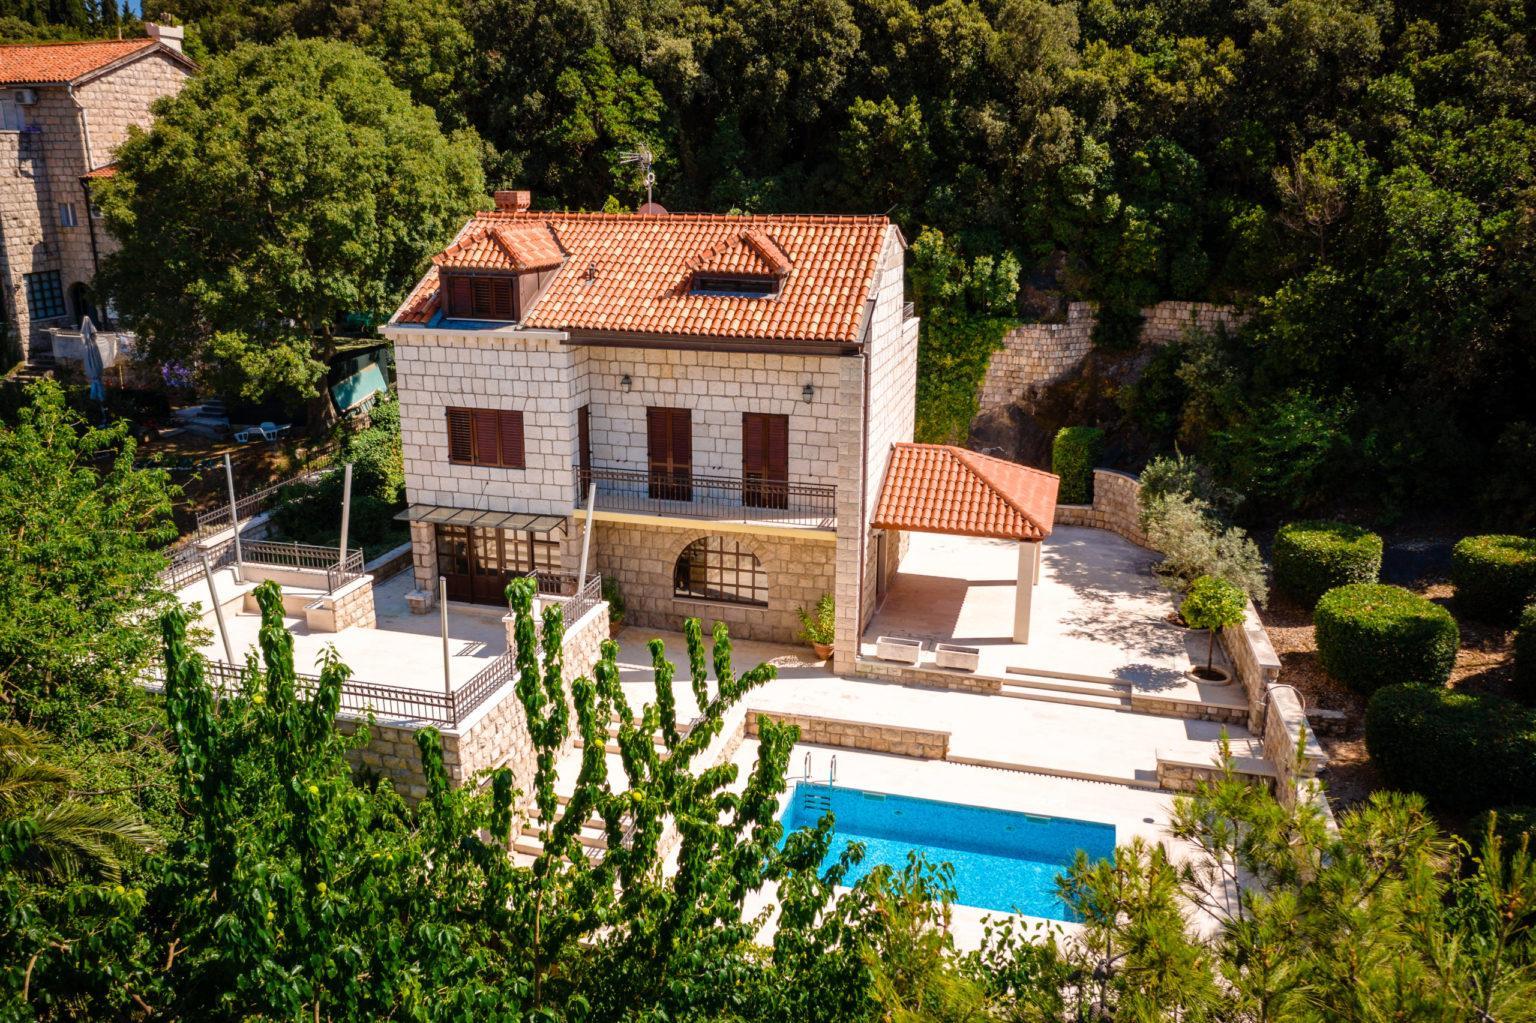 hochzeitslocation location Kroatien hochzeit heiraten 2 scaled - Villa am Meer